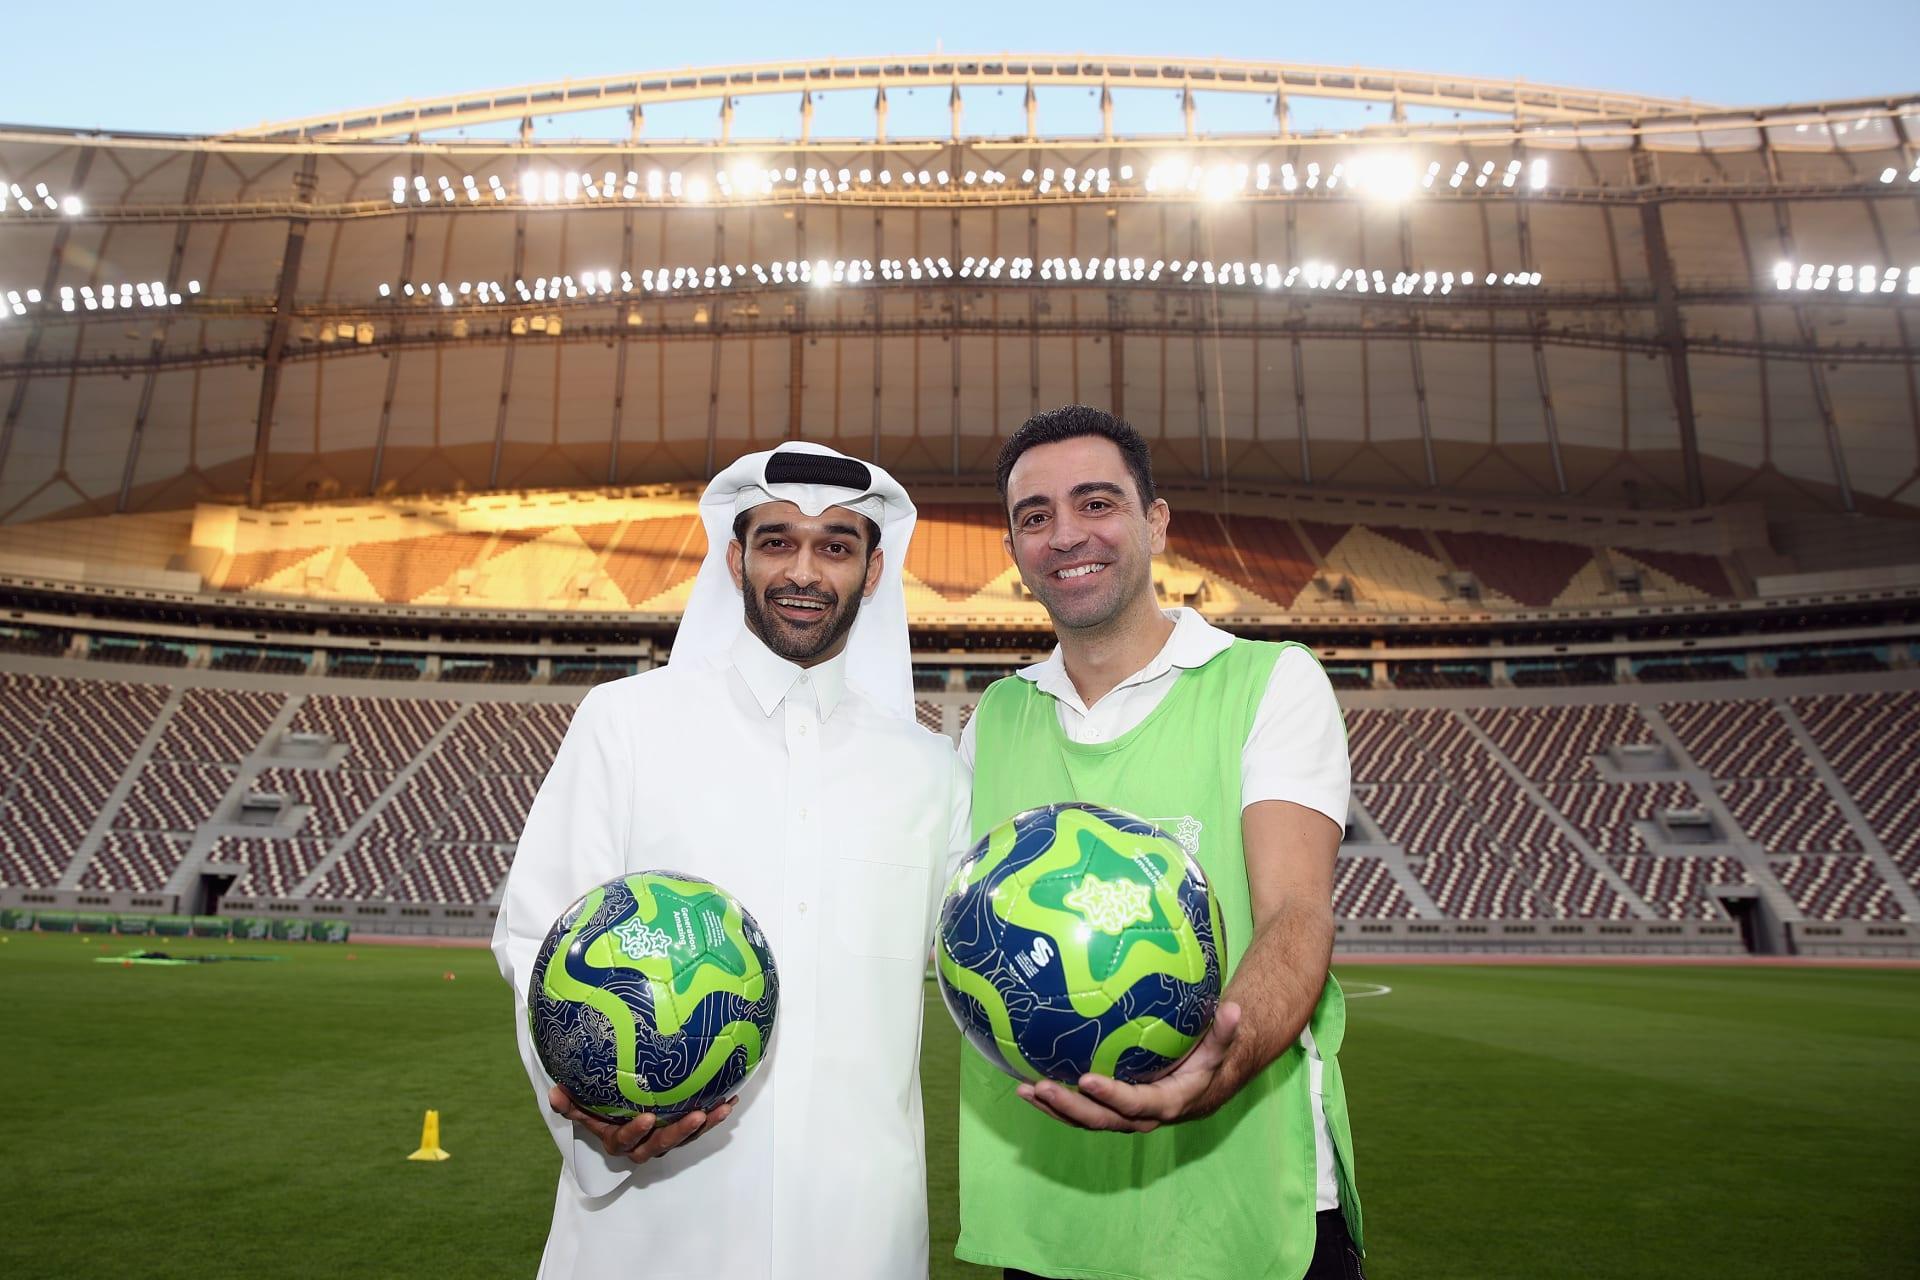 تشافي هيرنانديز أول سفير عالمي لكأس العالم 2022 في قطر